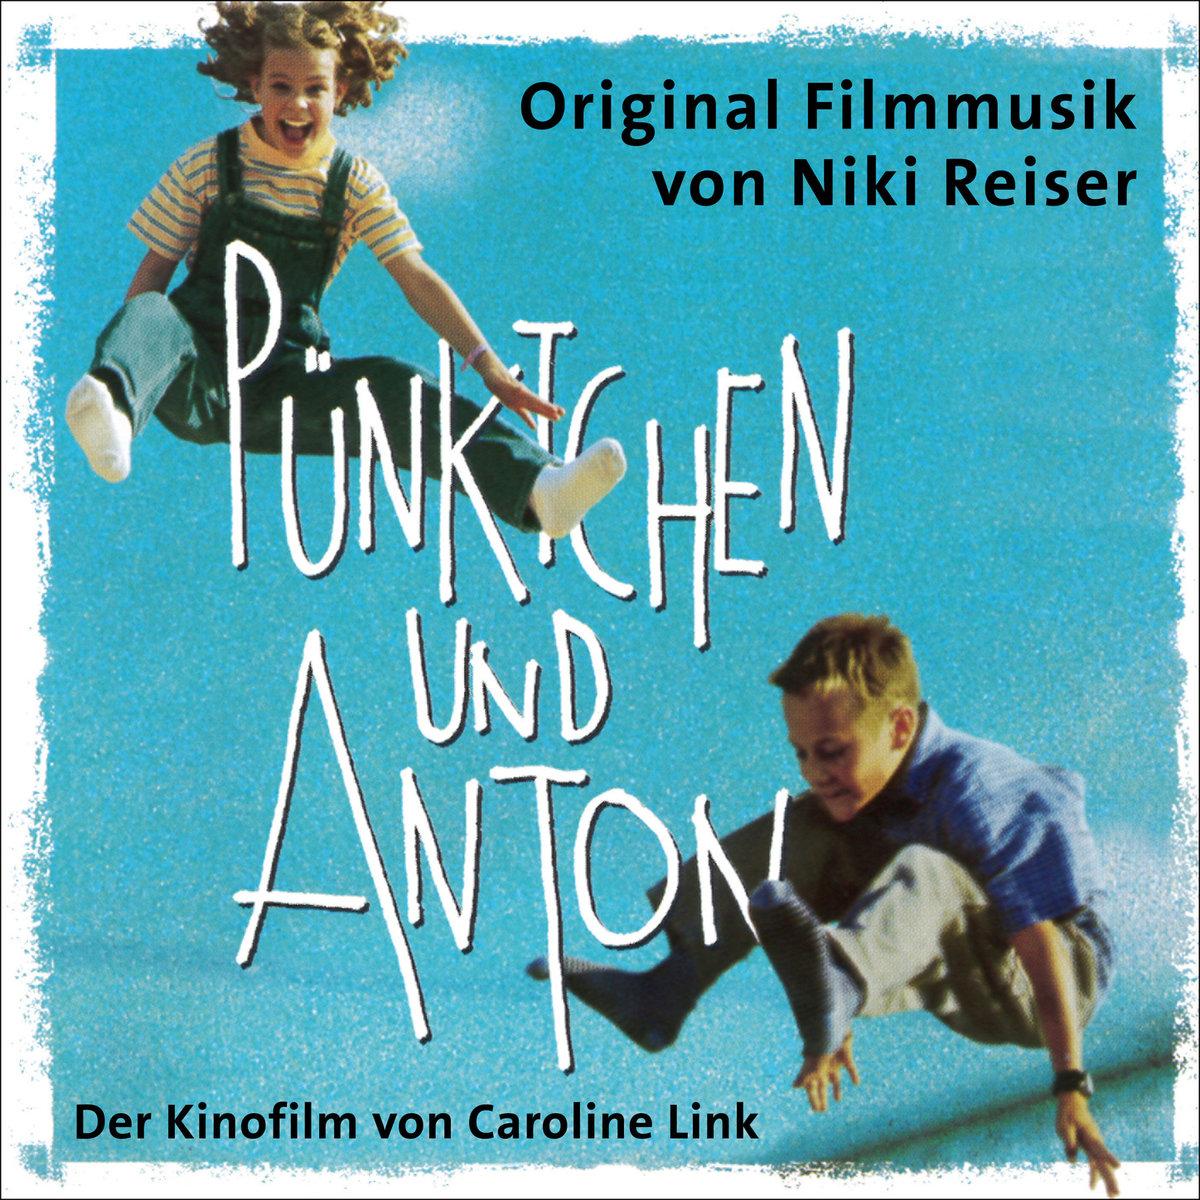 Pünktchen Und Anton 1999